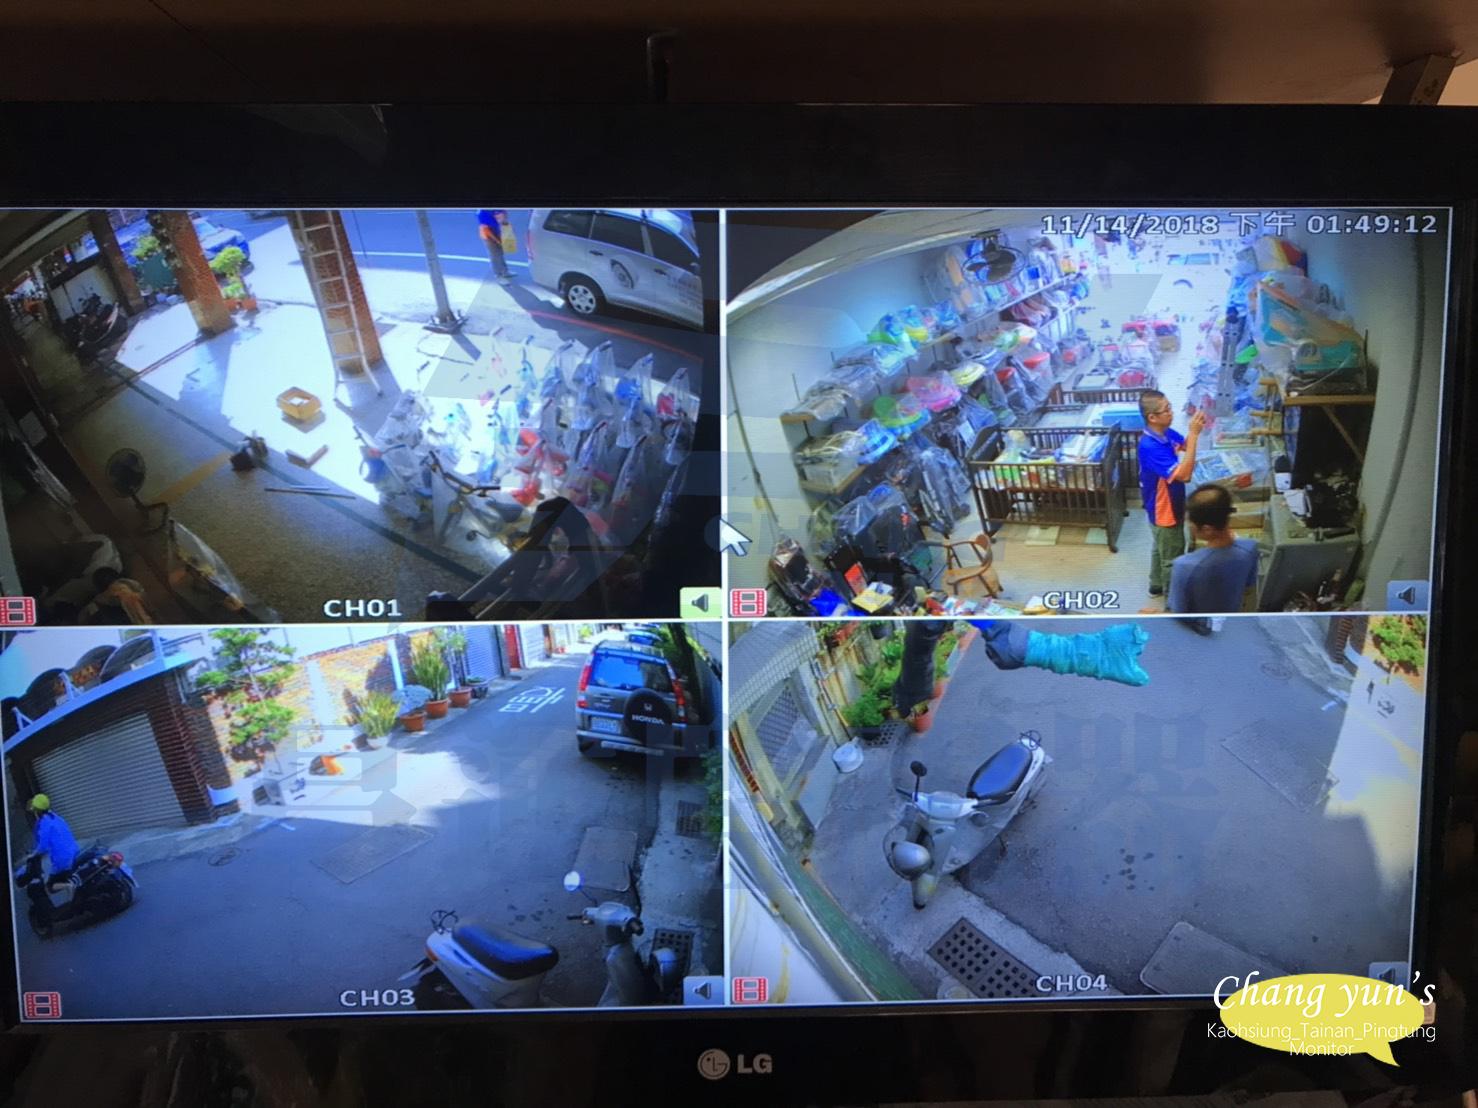 ►台南監視器 200萬高畫數 1080P Full HD 超高解析度◄ 台南市 南區 一特童具生活館 監視系統安裝